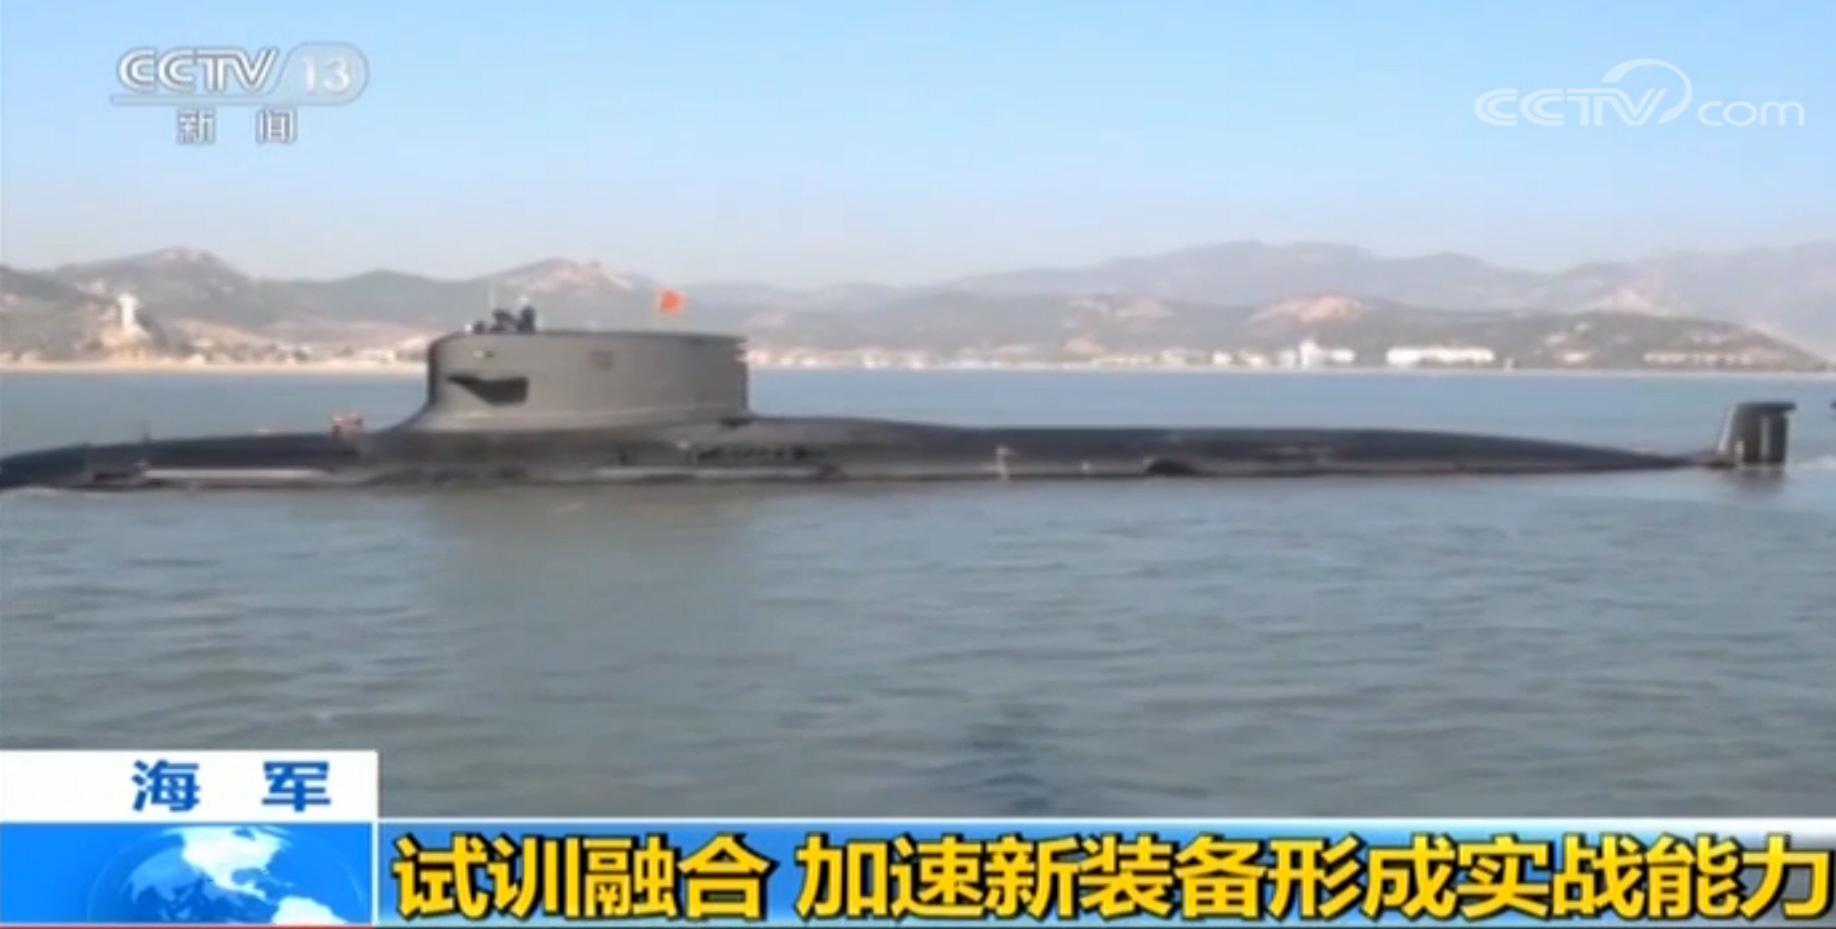 专家:我新型潜艇已形成战力 或与航母开赴远海